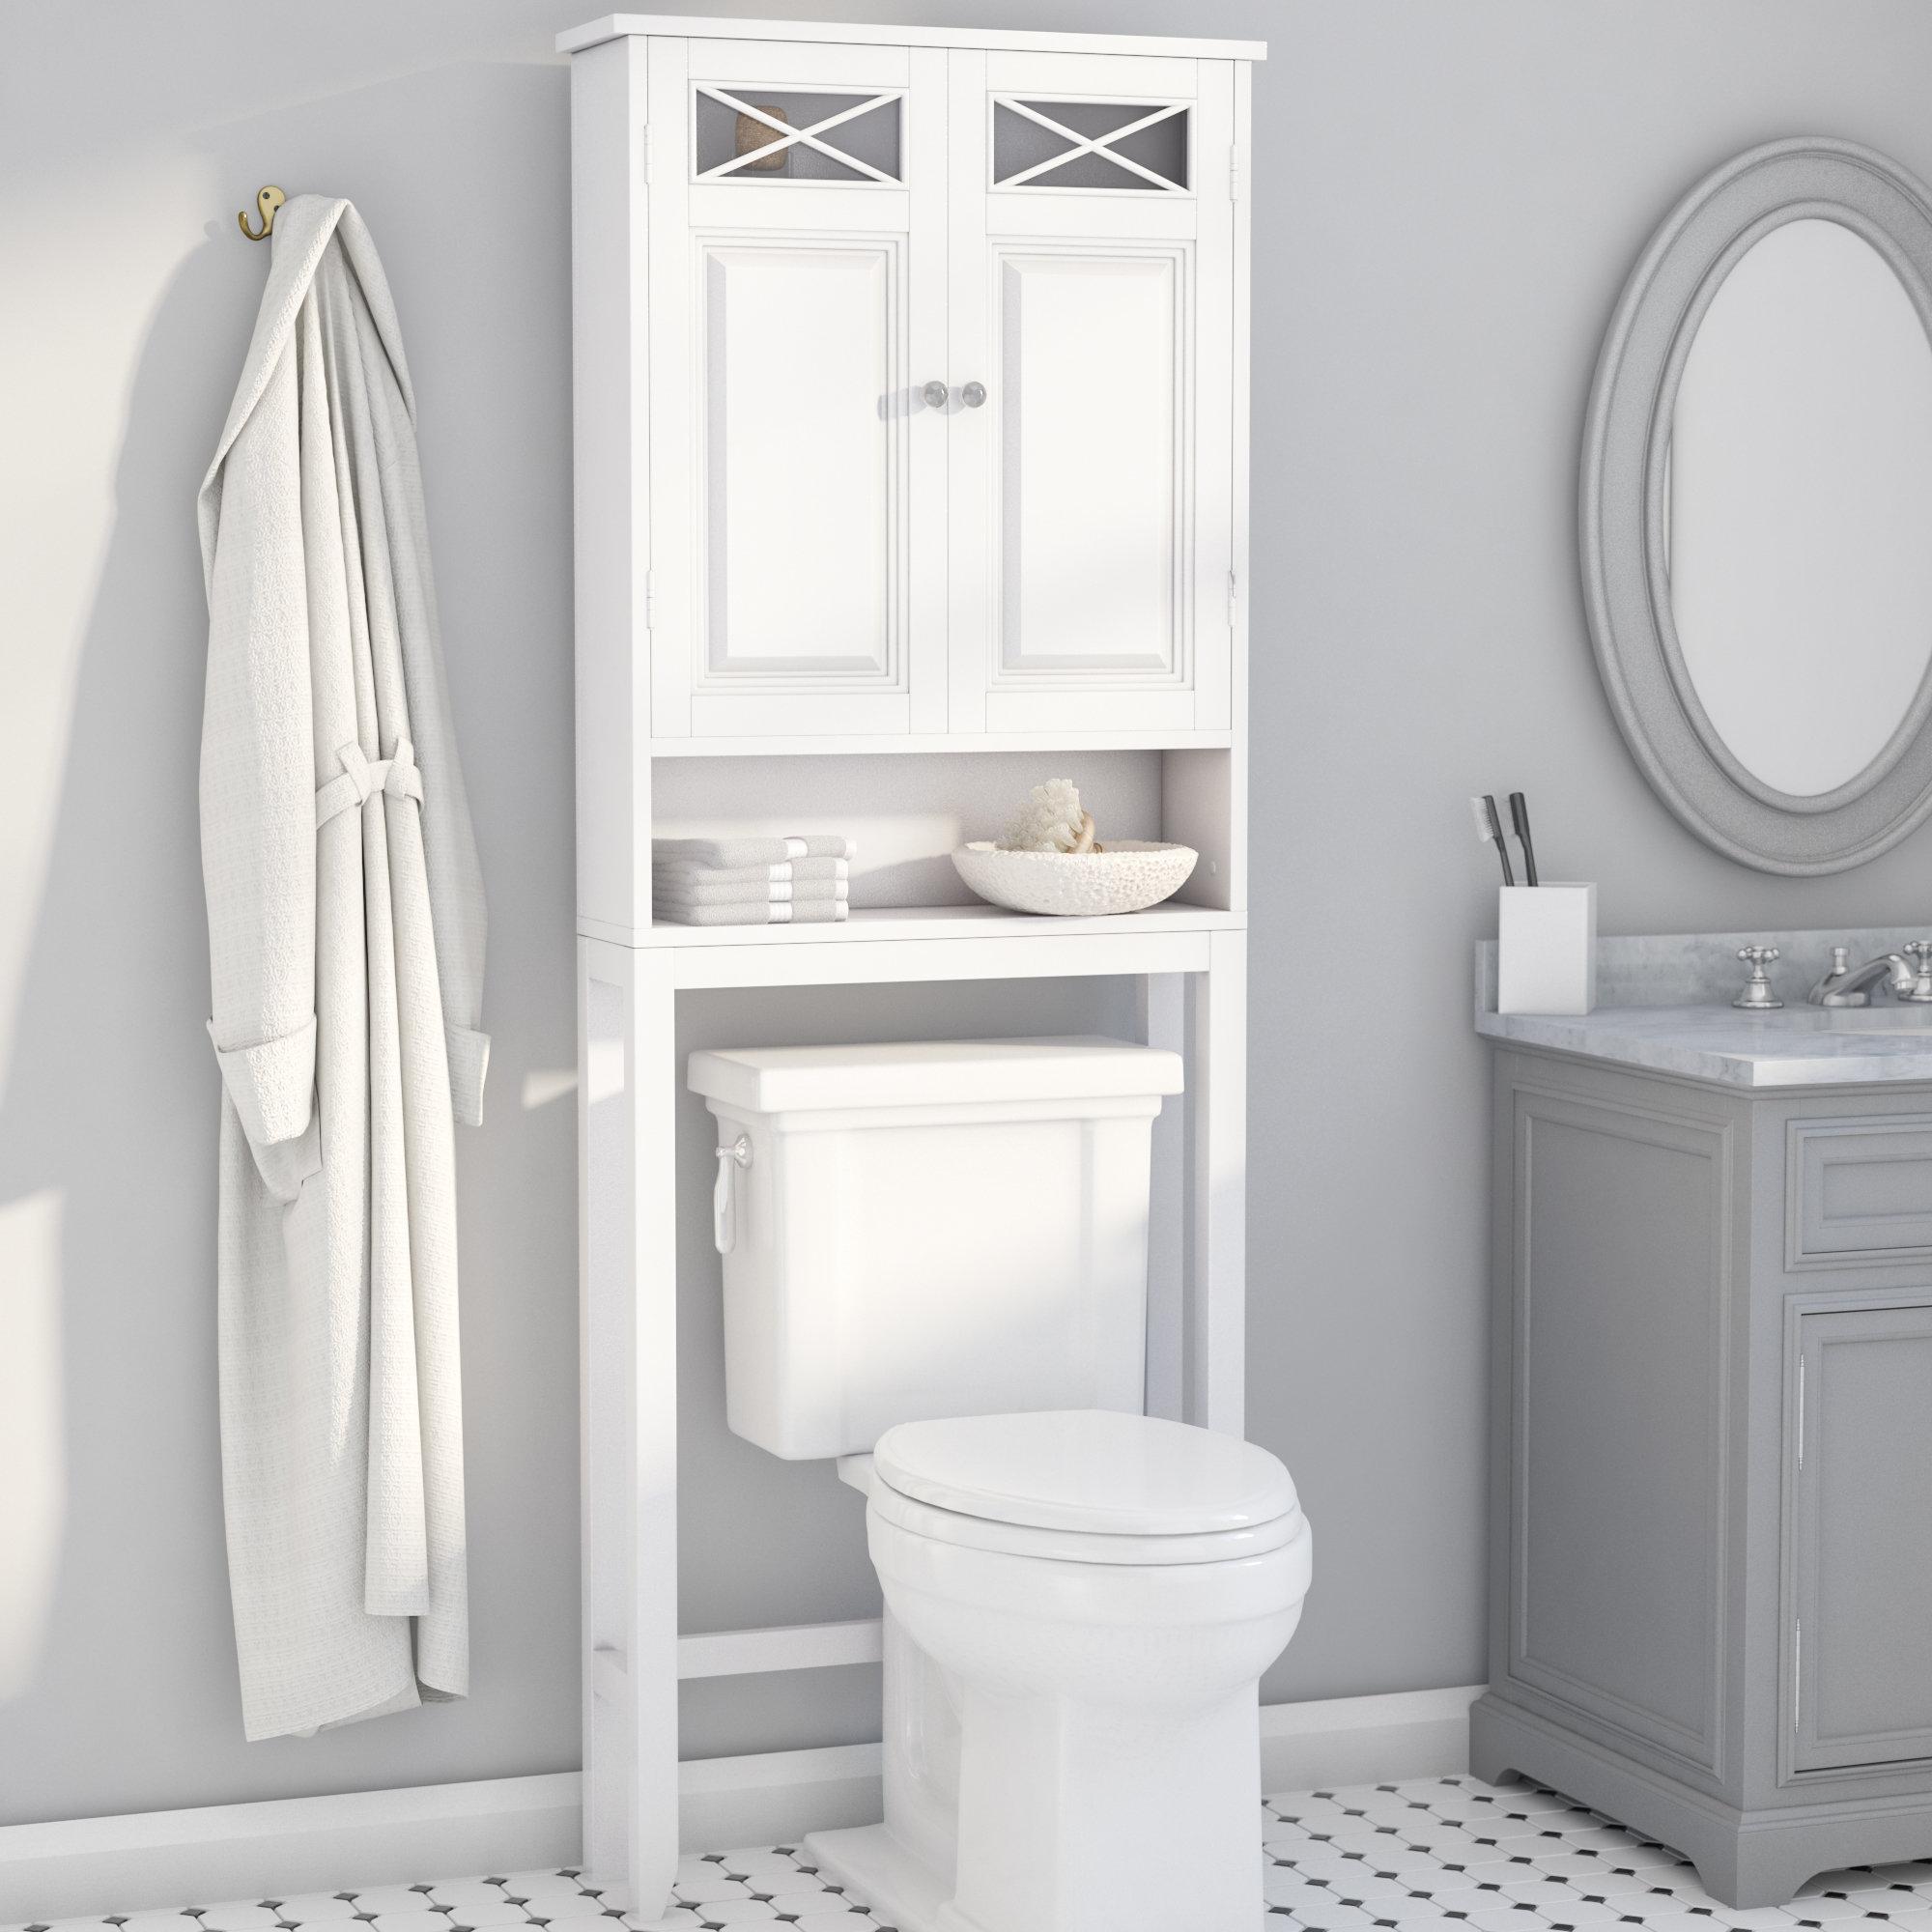 Bathroom Storage Furniture Asda Bathtub Ideas